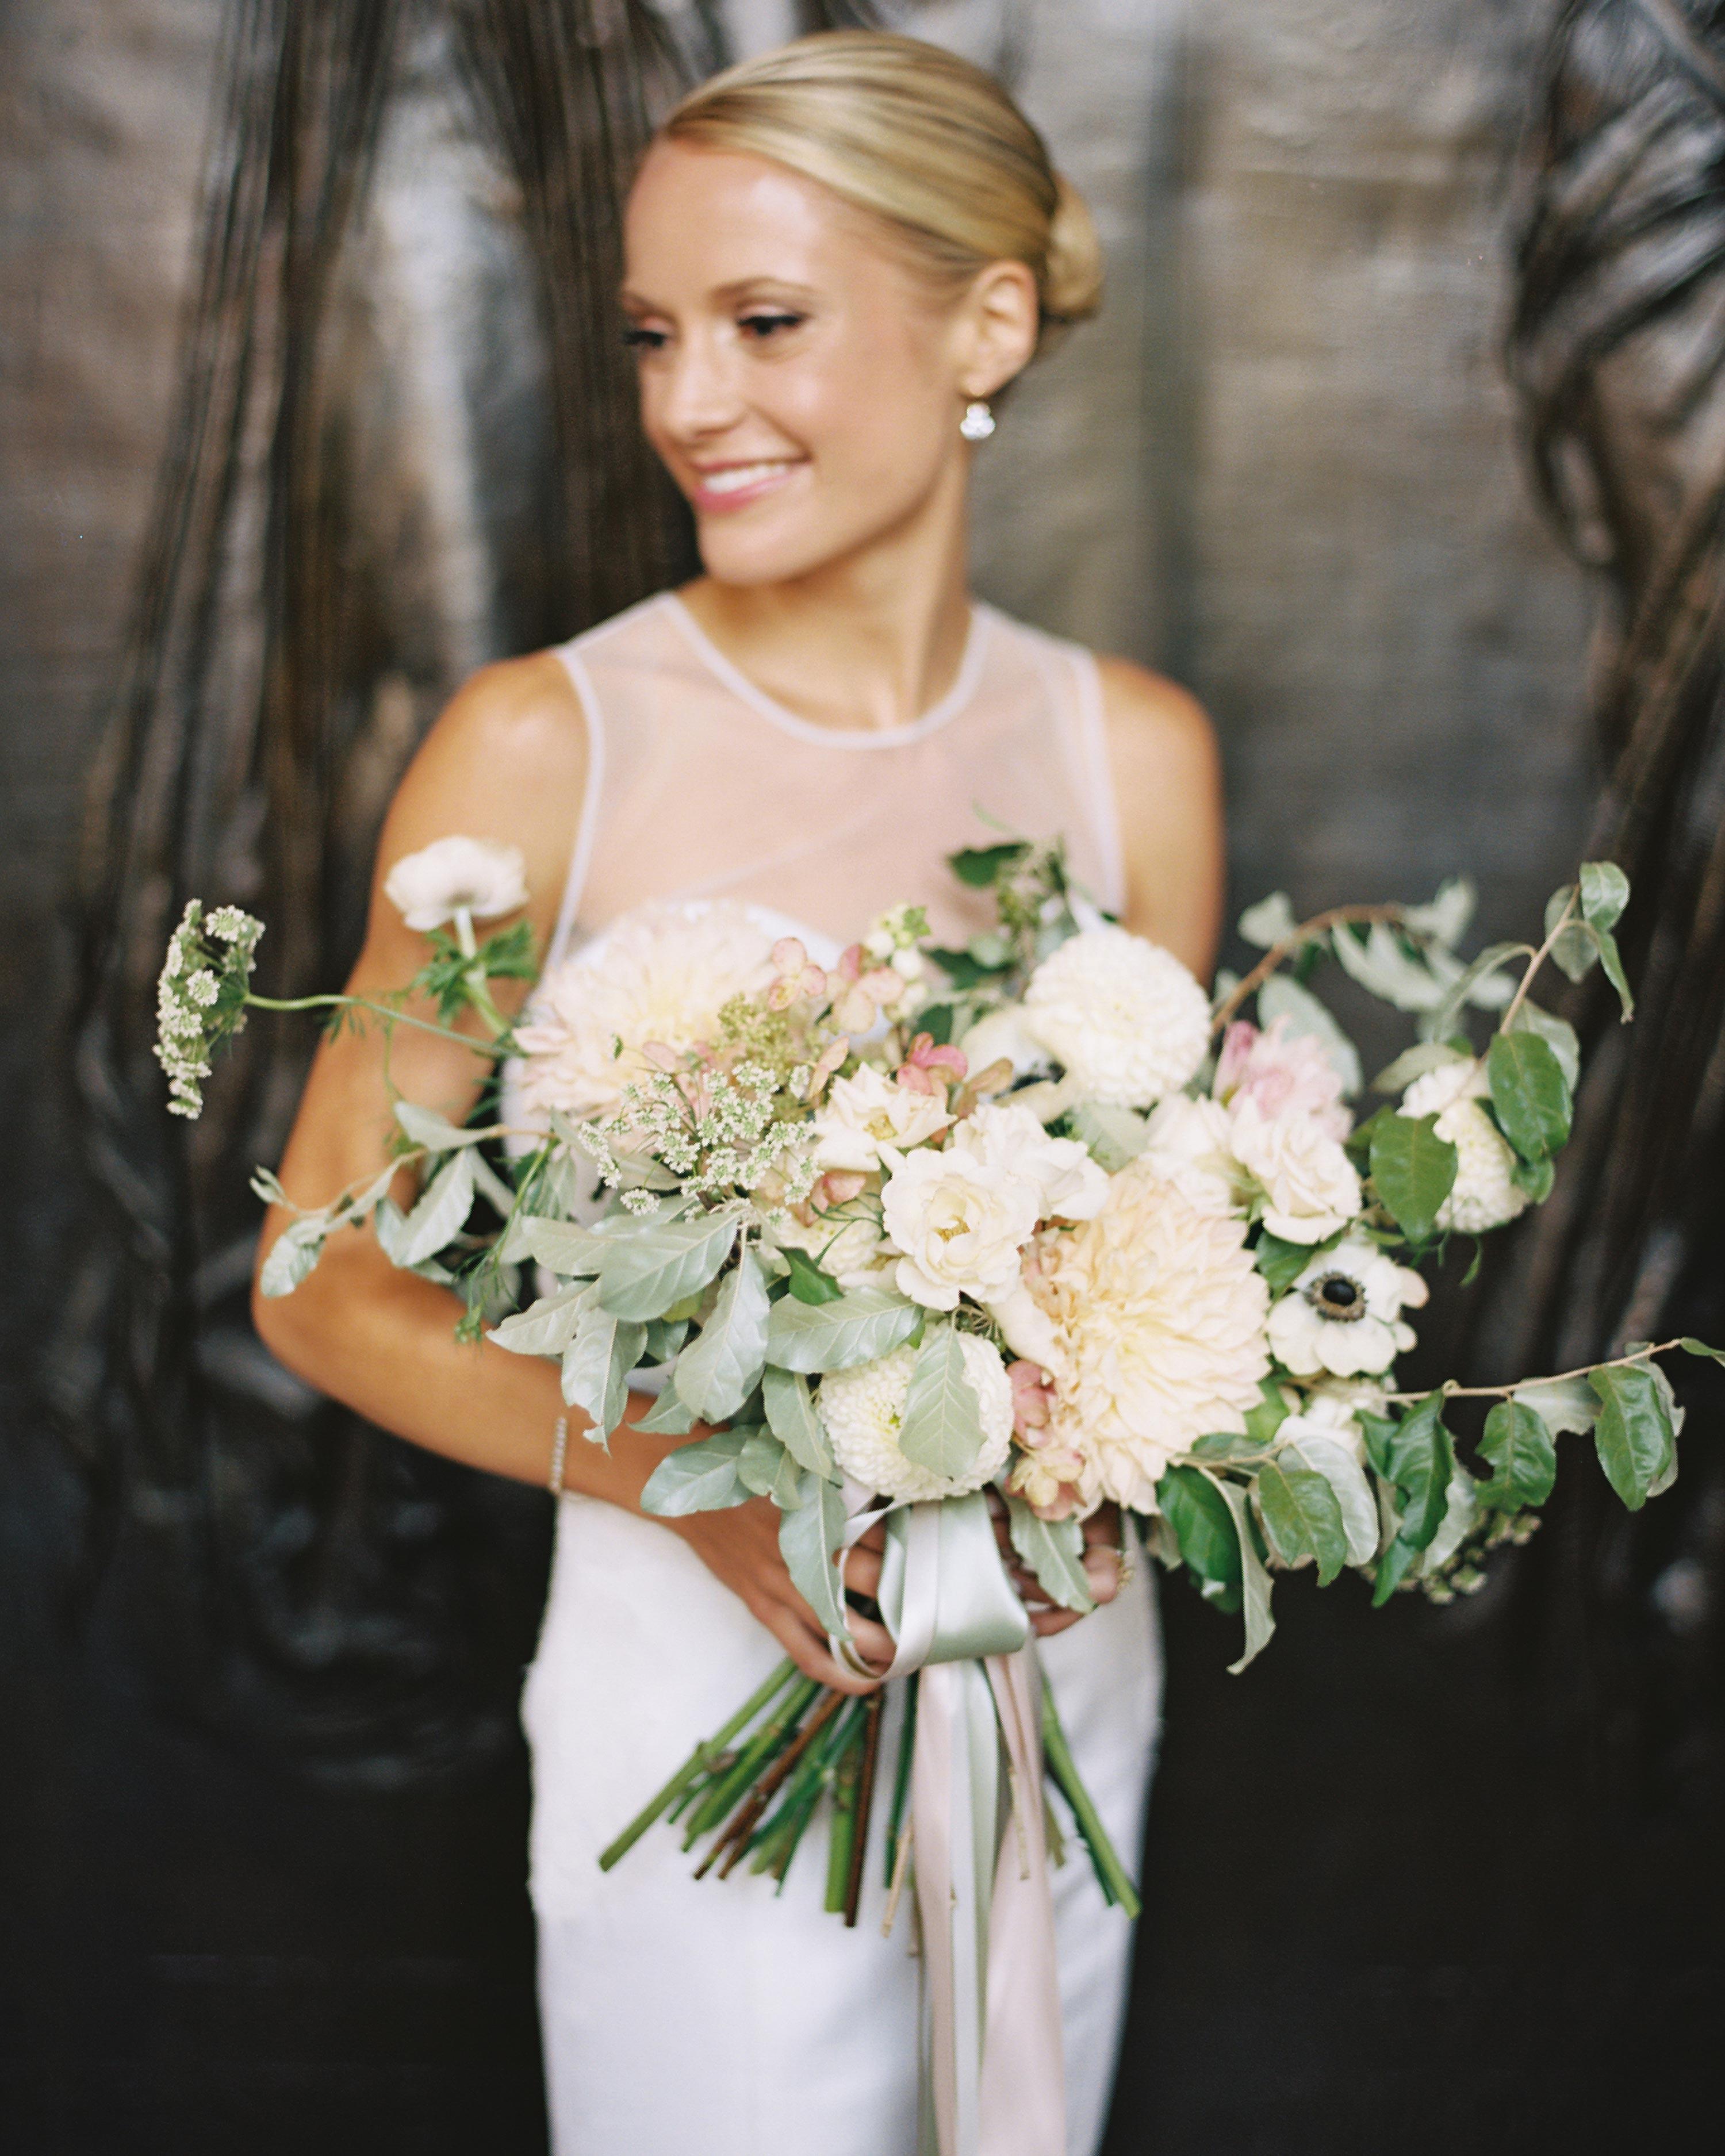 katie-kent-wedding-bouquet-265-s112765-0316.jpg